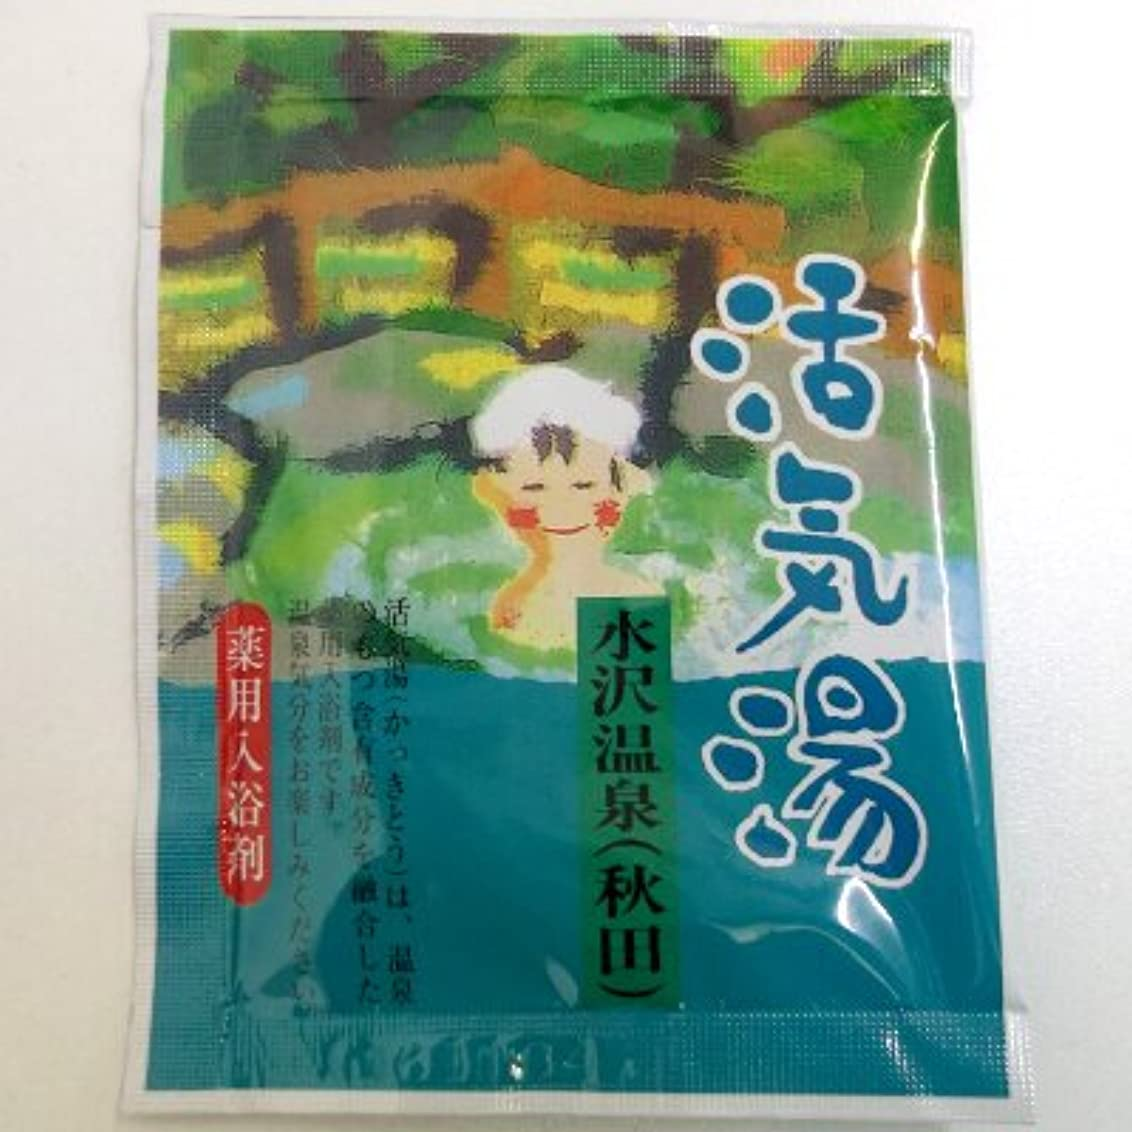 餌逃れるニックネーム活気湯 水沢温泉(青リンゴ)